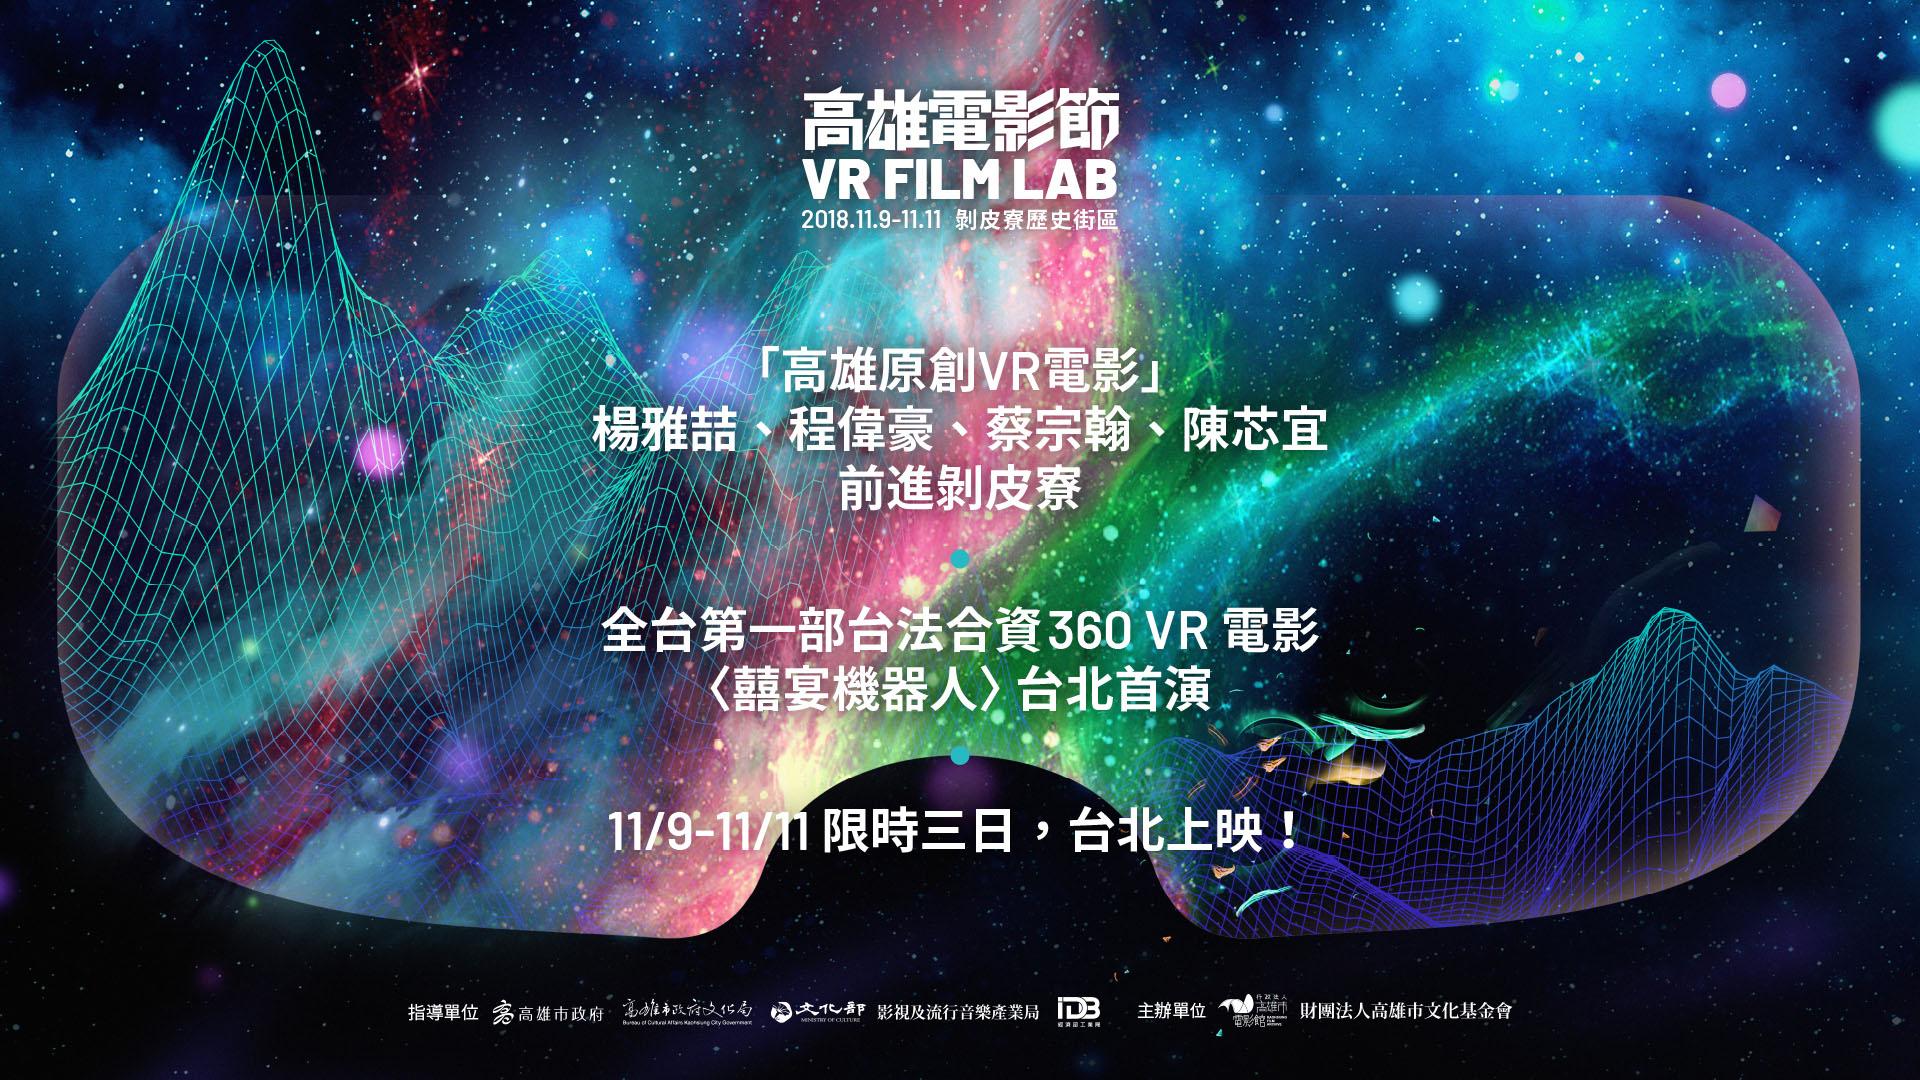 |2018高雄電影節VR單元|<br /> 11/9-11 台北巡迴場